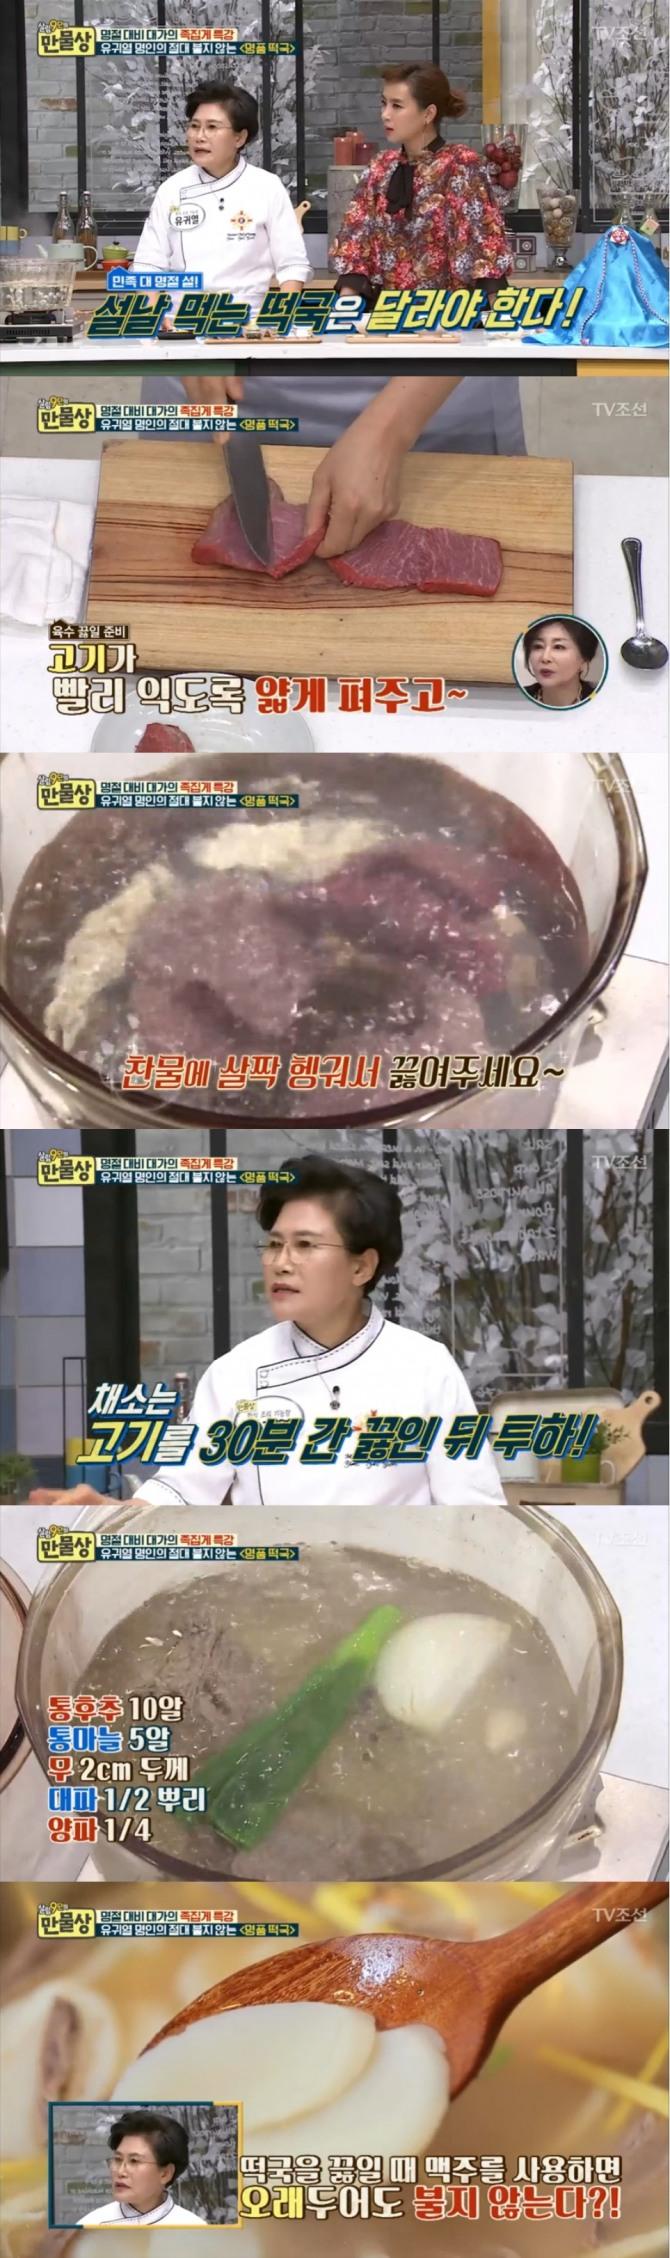 지난 8일 방송된 TV 조선 '살림9단의 만물상'에서는 유귀열 기능장이 출연, 양지를 이용해 설날 떡국 맛있게 끓이는 비법을 공개했다. 사진=TV조선 방송 캡처